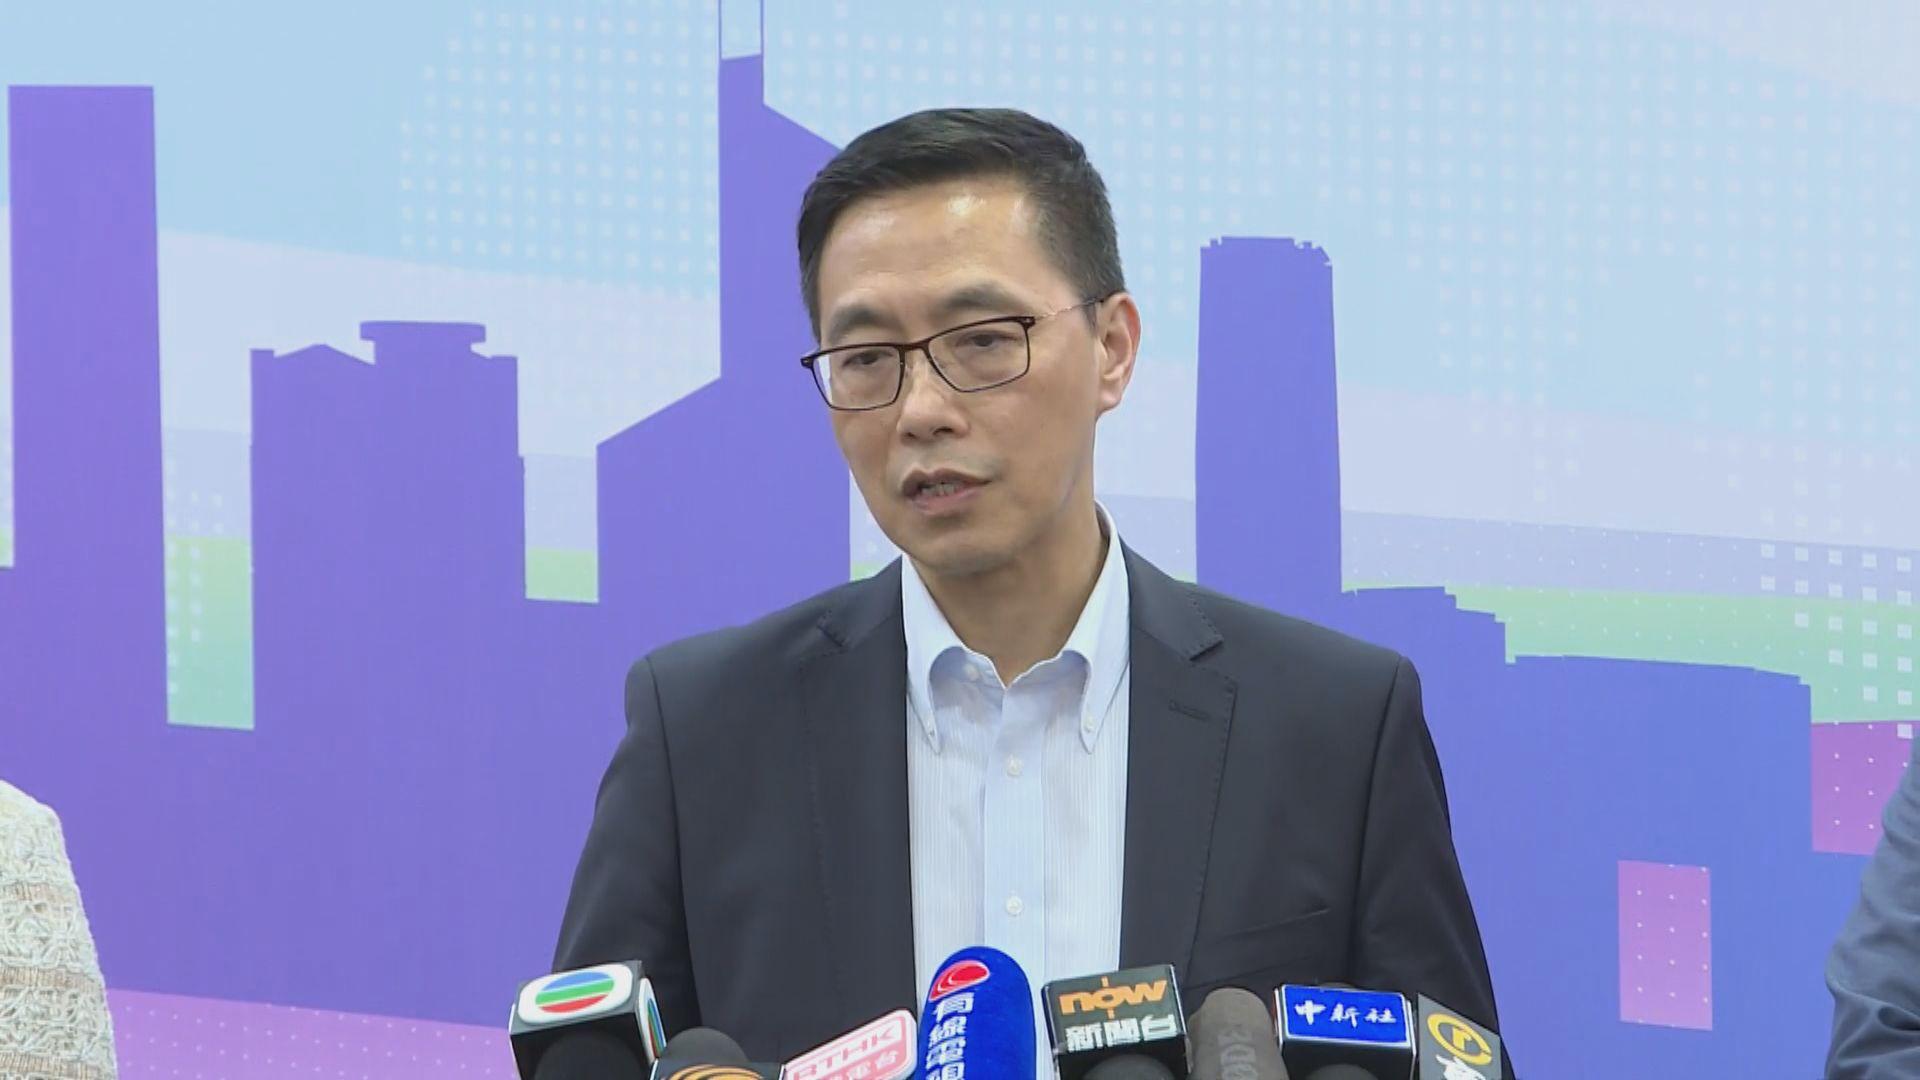 楊潤雄:學校如有需要 政府願就修例解說